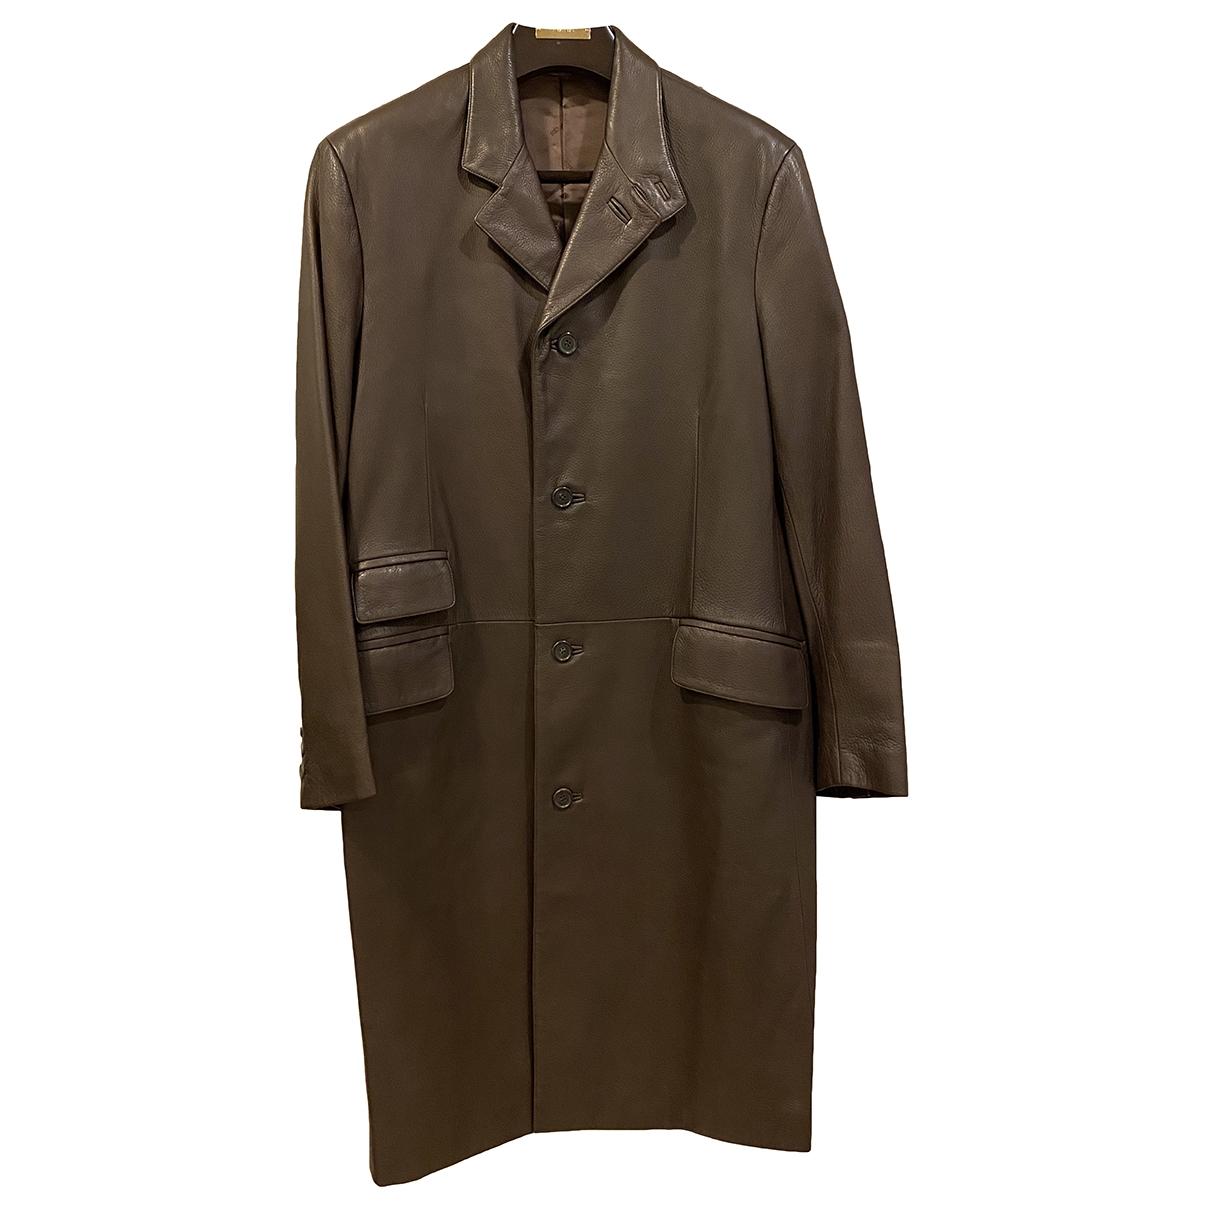 Hermes - Manteau   pour homme en cuir - marron